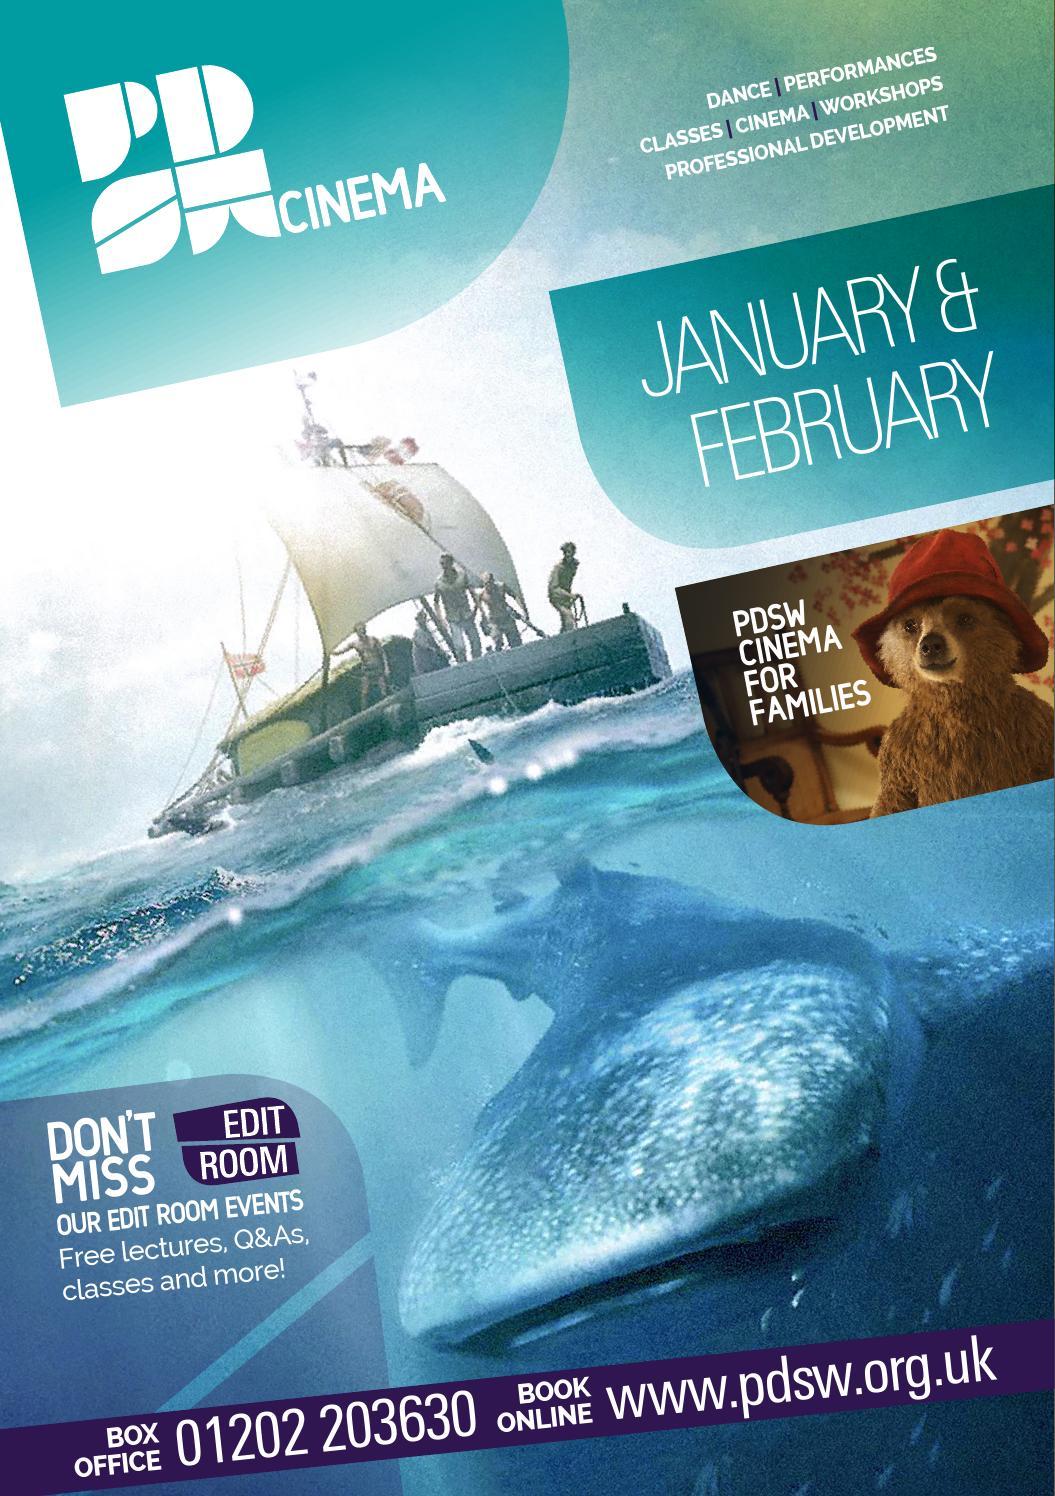 Jan feb cinema flyer v3 singlepages hr (1) by Pavilion Dance